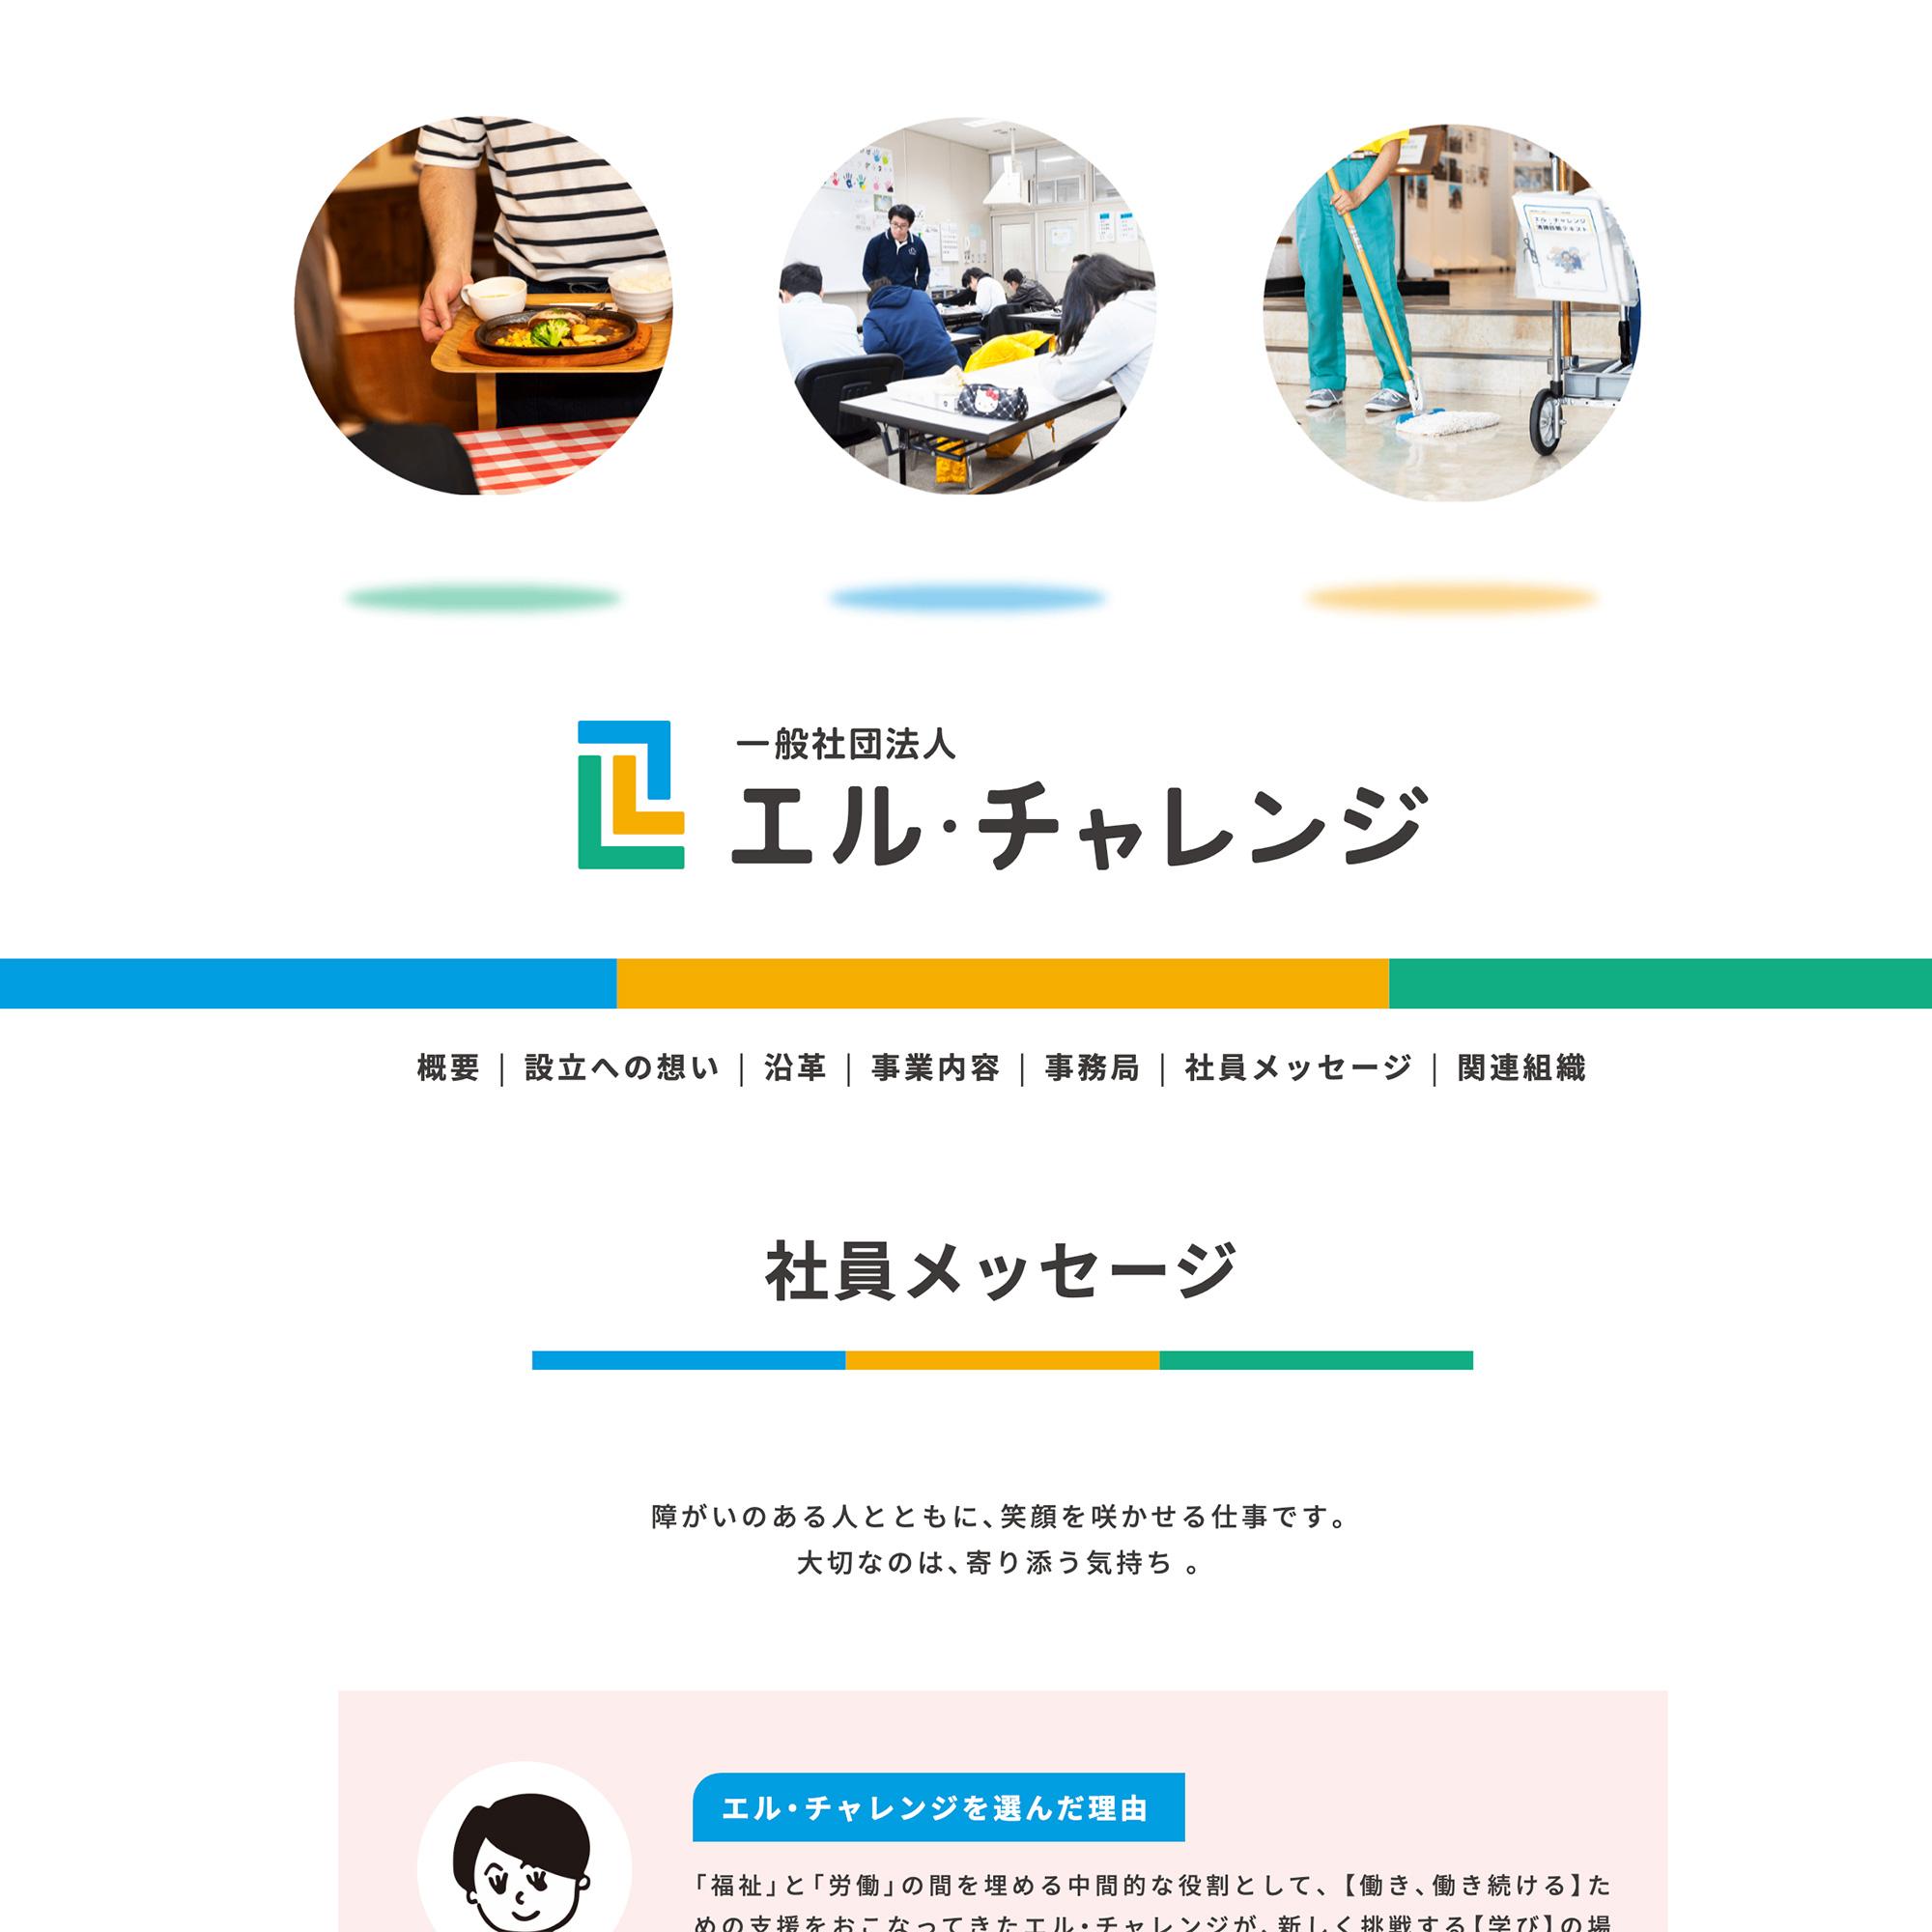 社員メッセージ Web|2020.06 エル・チャレンジ 様(大阪市中央区)